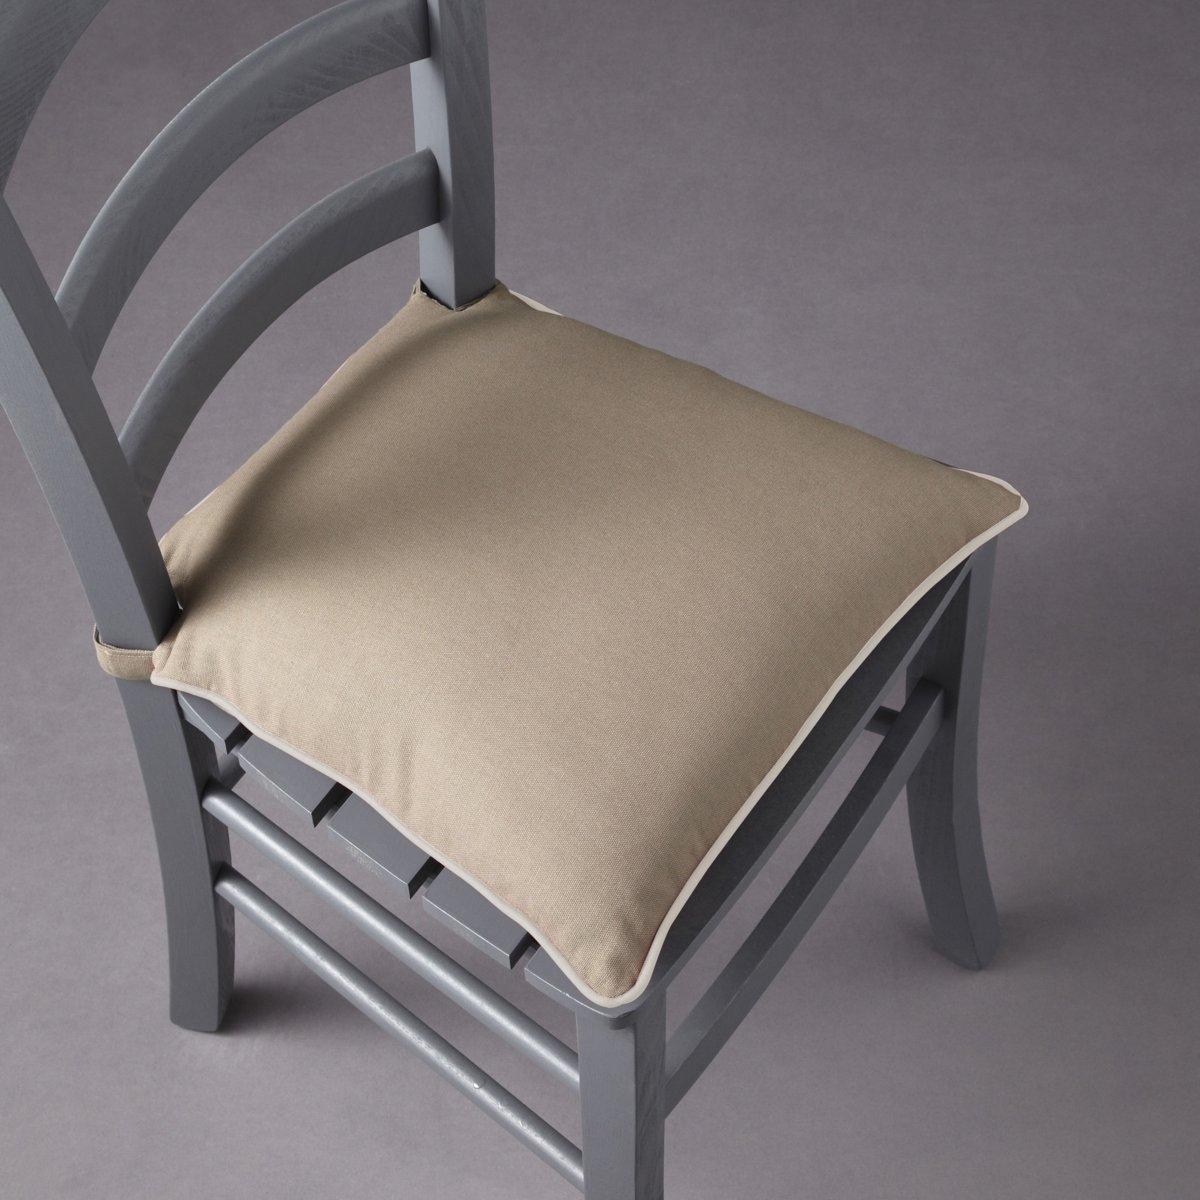 Подушка для стула, BRIDGYМягкая, удобная подушка для стула существует в 5 модных расцветках с контрастным кантом. Сочетается с другими чехлами этой коллекции для мебели: кресел, диванов, стульев и для декоративных подушек, которые украсят Ваш интерьер! Коллекция предметов декора Valeur S?re - качественные изделия с красивой отделкой. Существует 5 однотонных расцветок и 1 принт в полоску (не для всех моделей). Все чехлы для мебели: кресел, диванов, стульев и для декоративных подушек (продаются отдельно на нашем сайте) отлично сочетаются. Состав, описание и уход: - 100% хлопок, отделка контрастным кантом. - Наполнитель: 100% полиэстера. - Съемный чехол. - Стирать при 40°C.- Застежка текстильная (липучка). - Размеры: 40 x 40 см, толщина: 4 см.Сертификат Oeko-Tex® дает гарантию того, что товары изготовлены без применения химических средств и не представляют опасности для здоровья человека.<br><br>Цвет: серо-коричневый/серо-бежевый